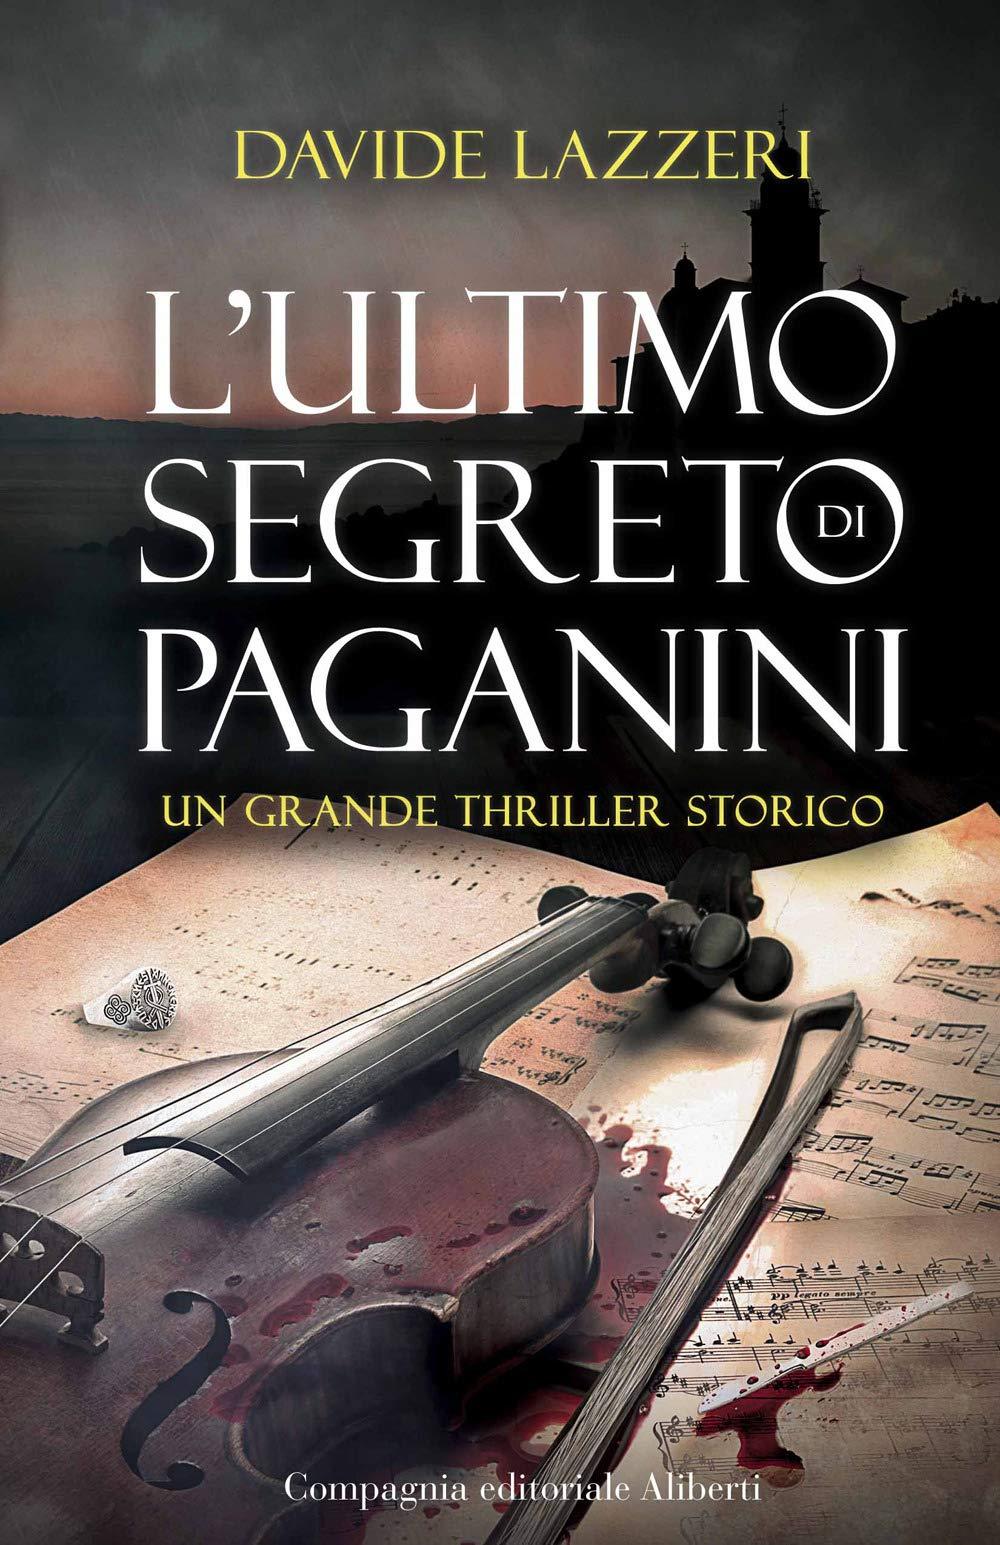 Recensione di L'Ultimo Segreto Di Paganini – Davide Lazzeri